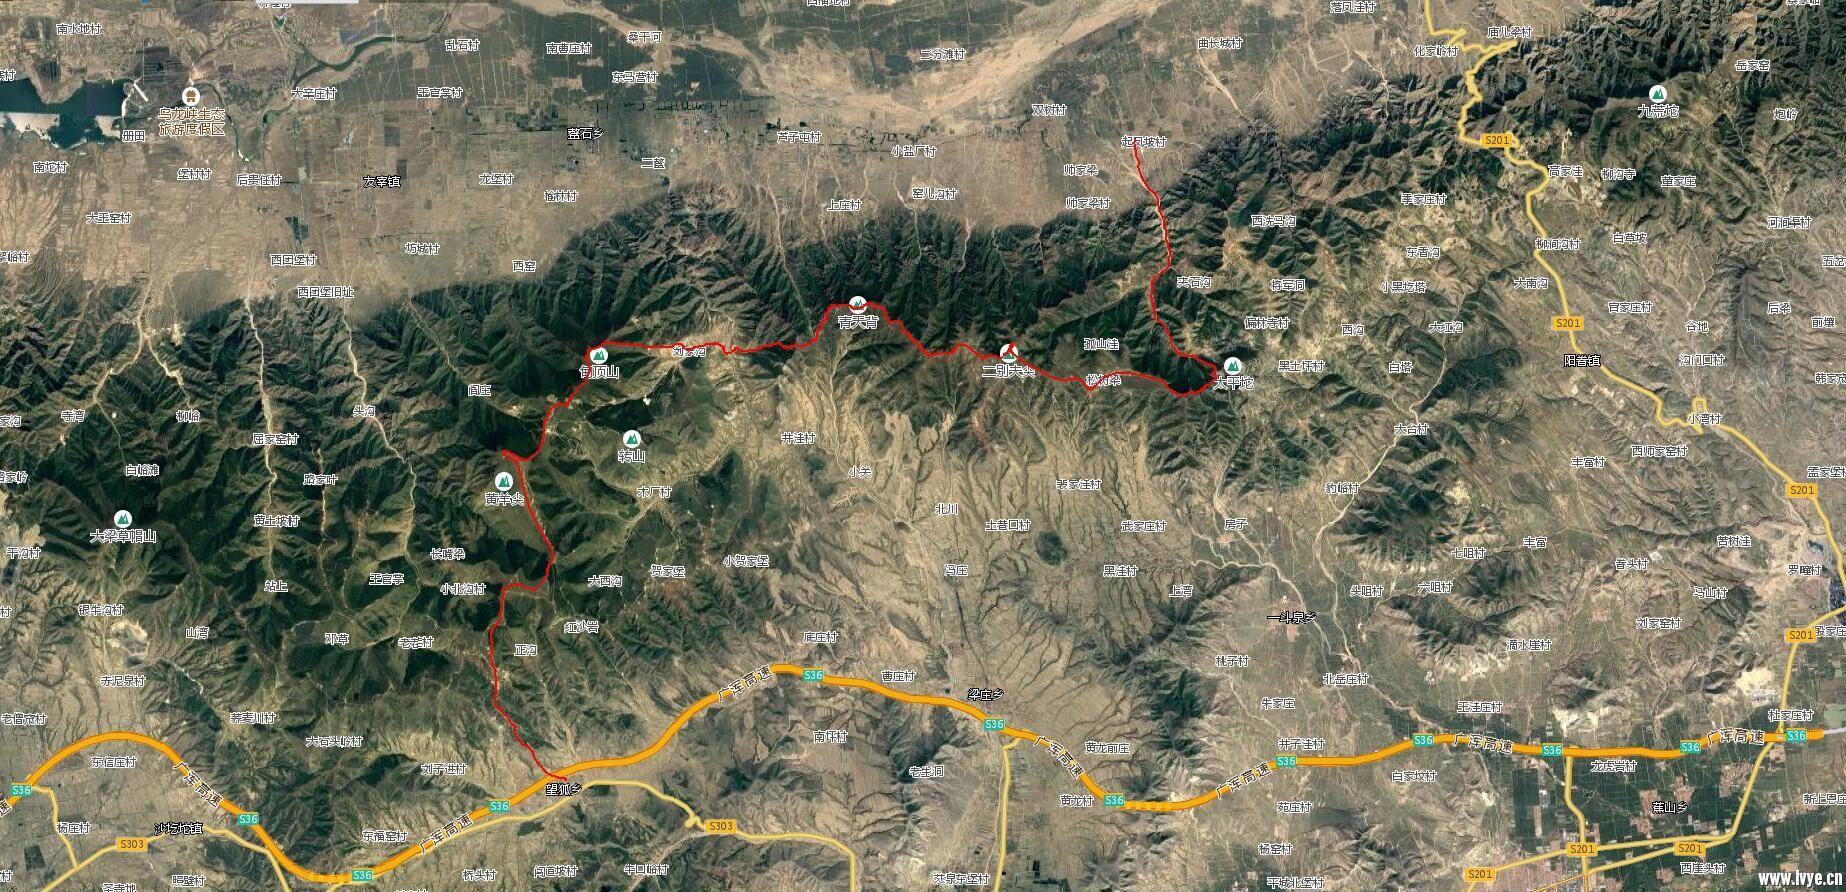 黄羊尖路线图.jpg